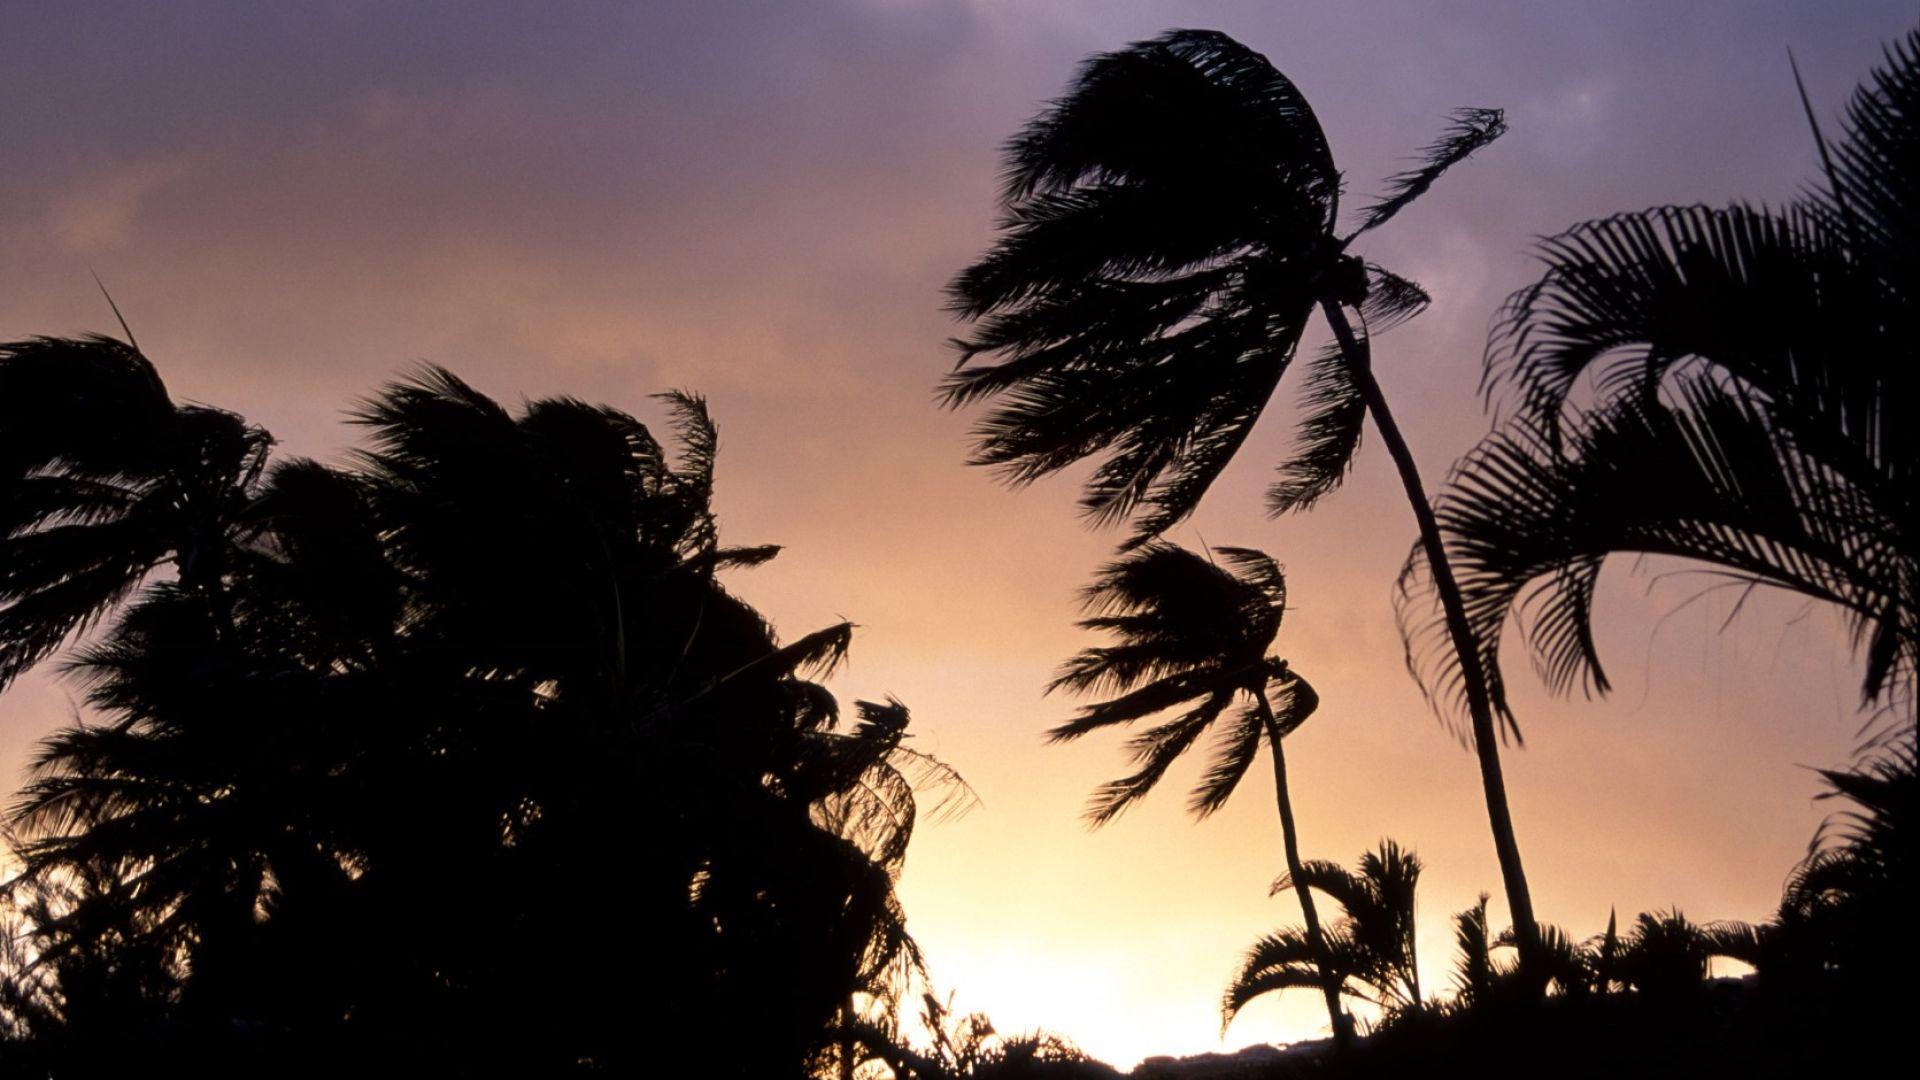 """Едновременно два урагана - Ерик и Флоси, са """"вдигнали мерника"""" на Хаваите"""